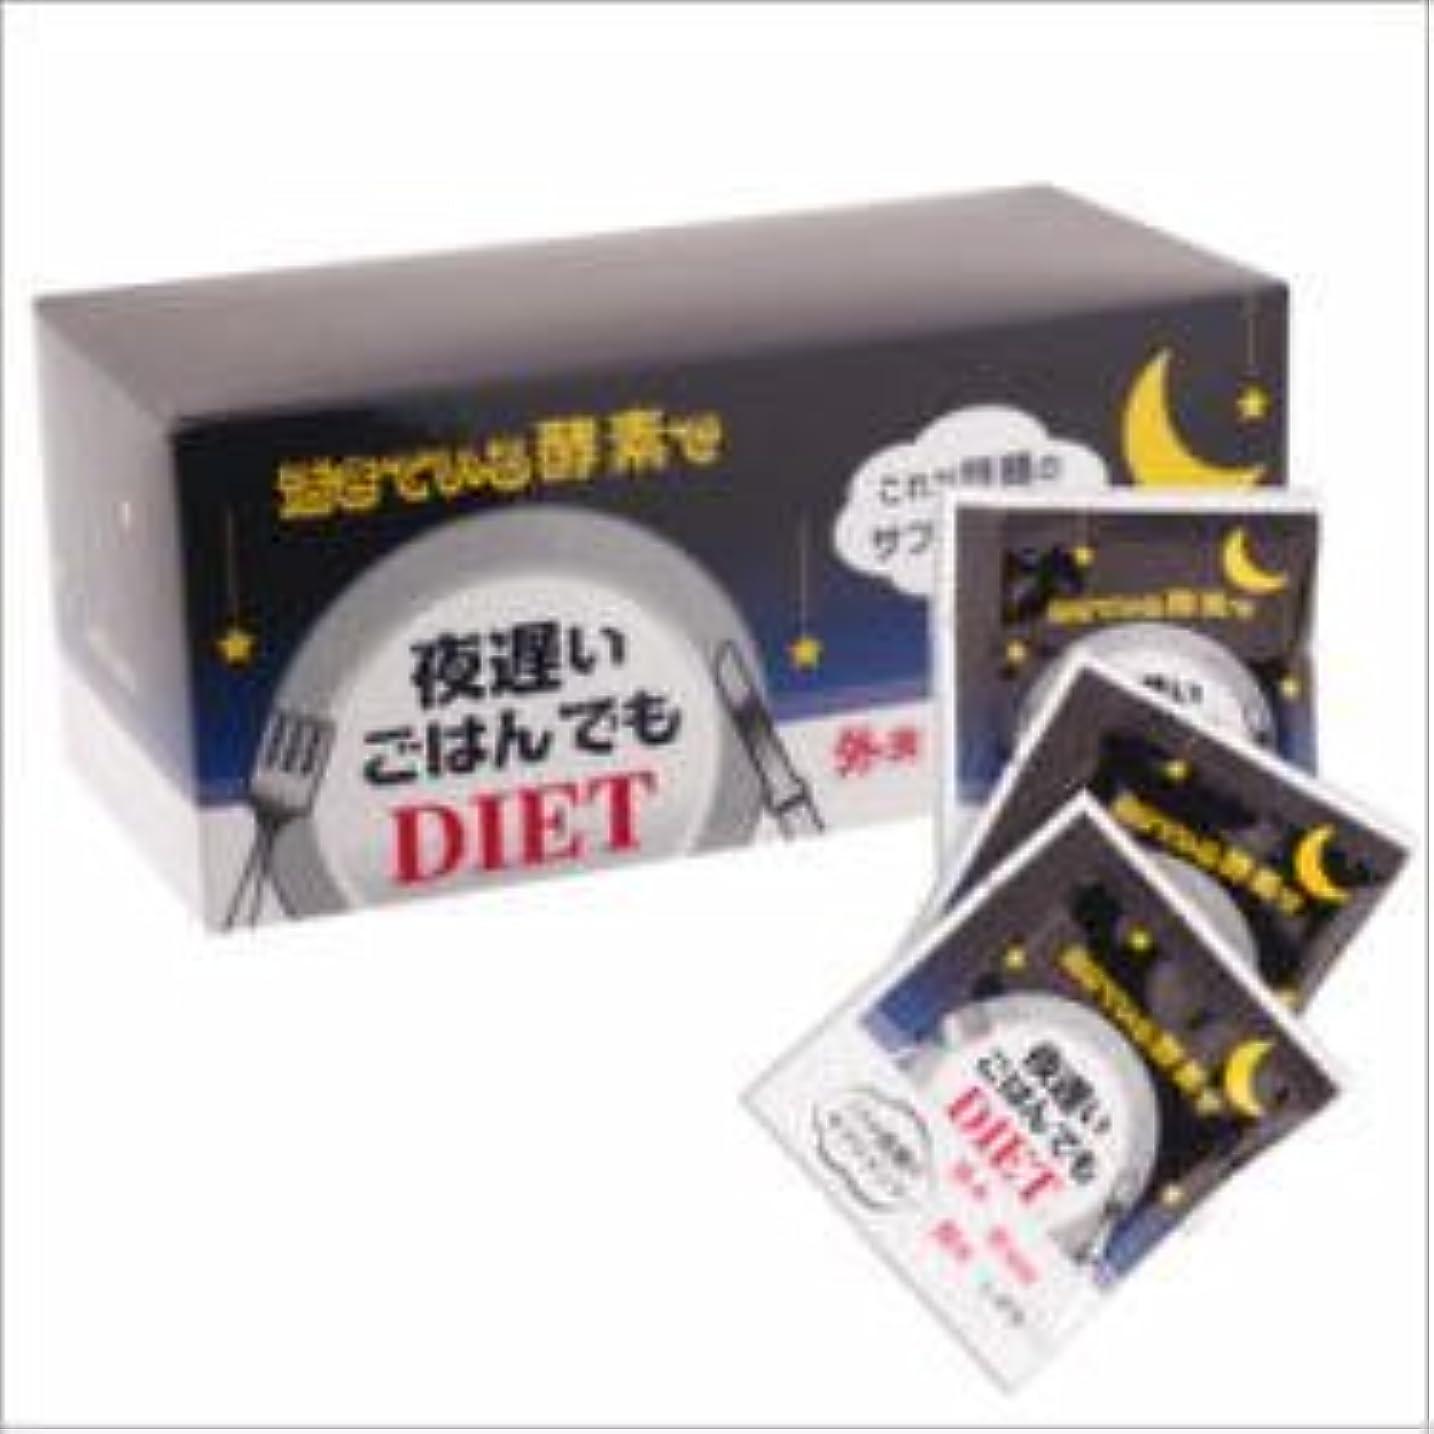 ボトルポーチ光沢新谷酵素 夜遅いごはんでも 30包 【2箱セット+1WEEK1袋セット】